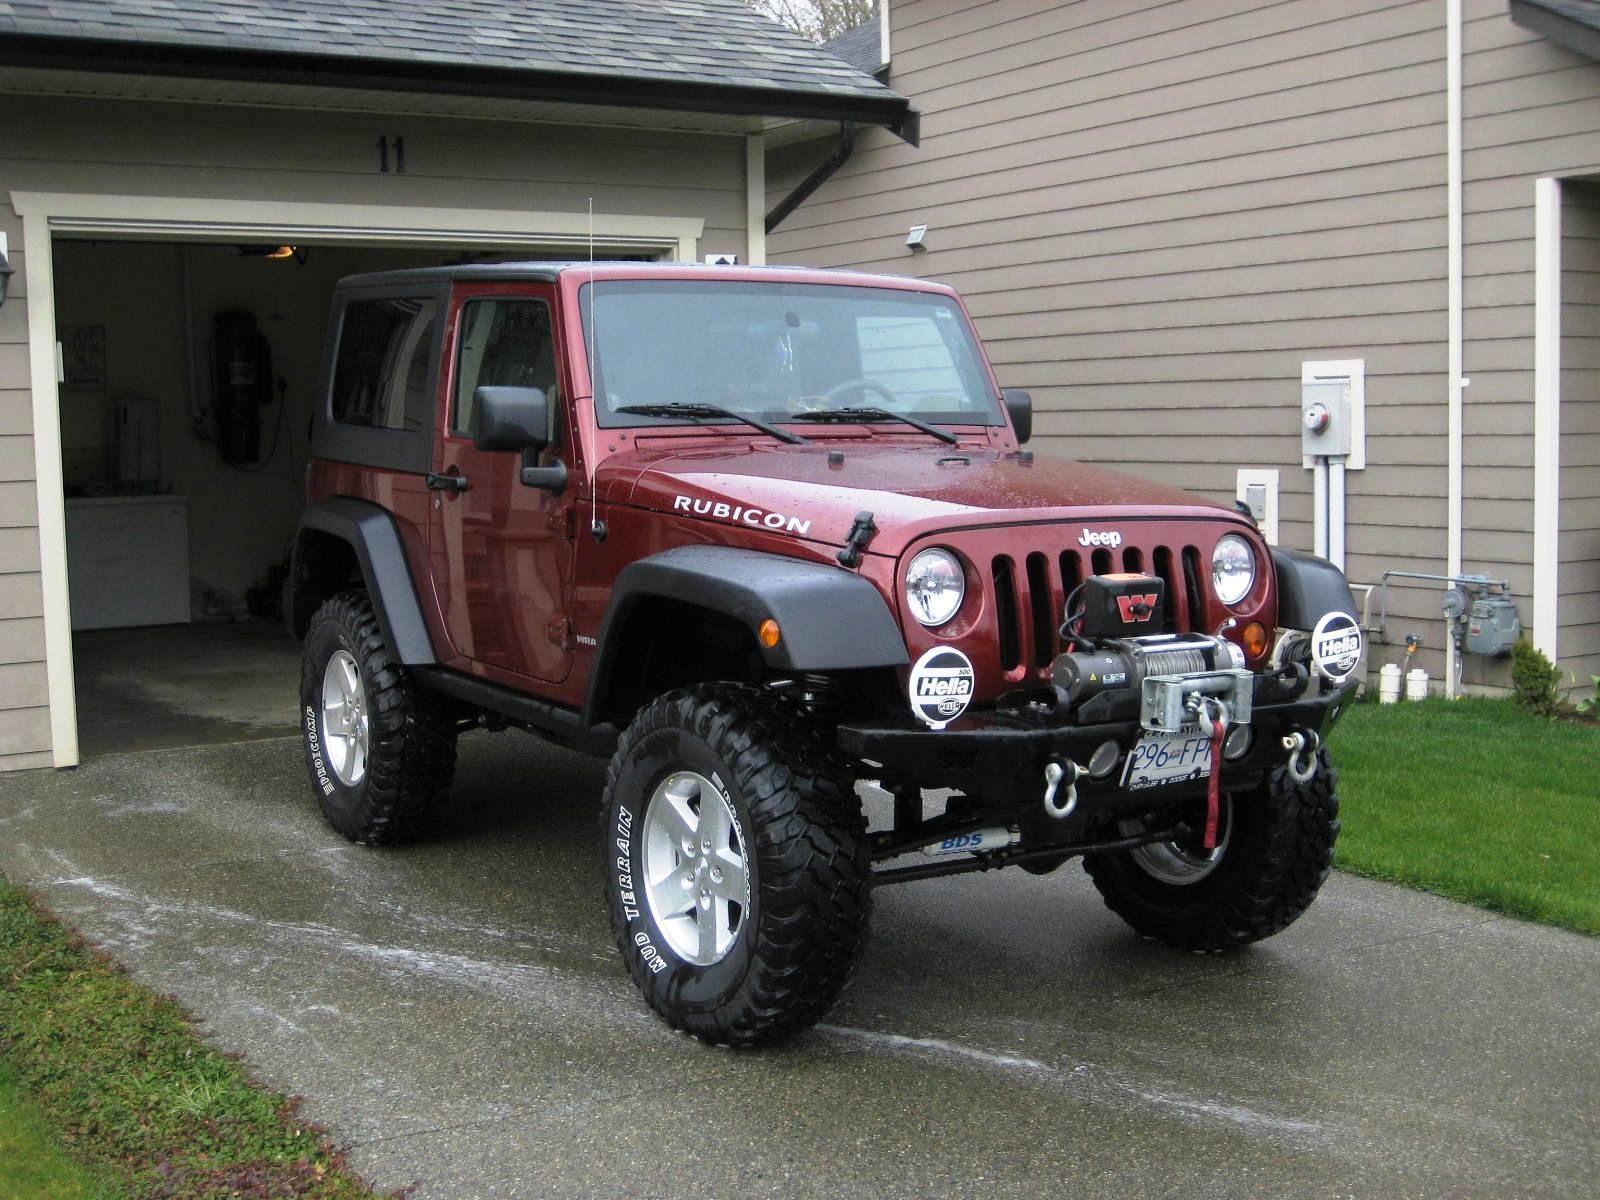 Red Rock Jk Jeep Jk Jeep 4x4 Jeep